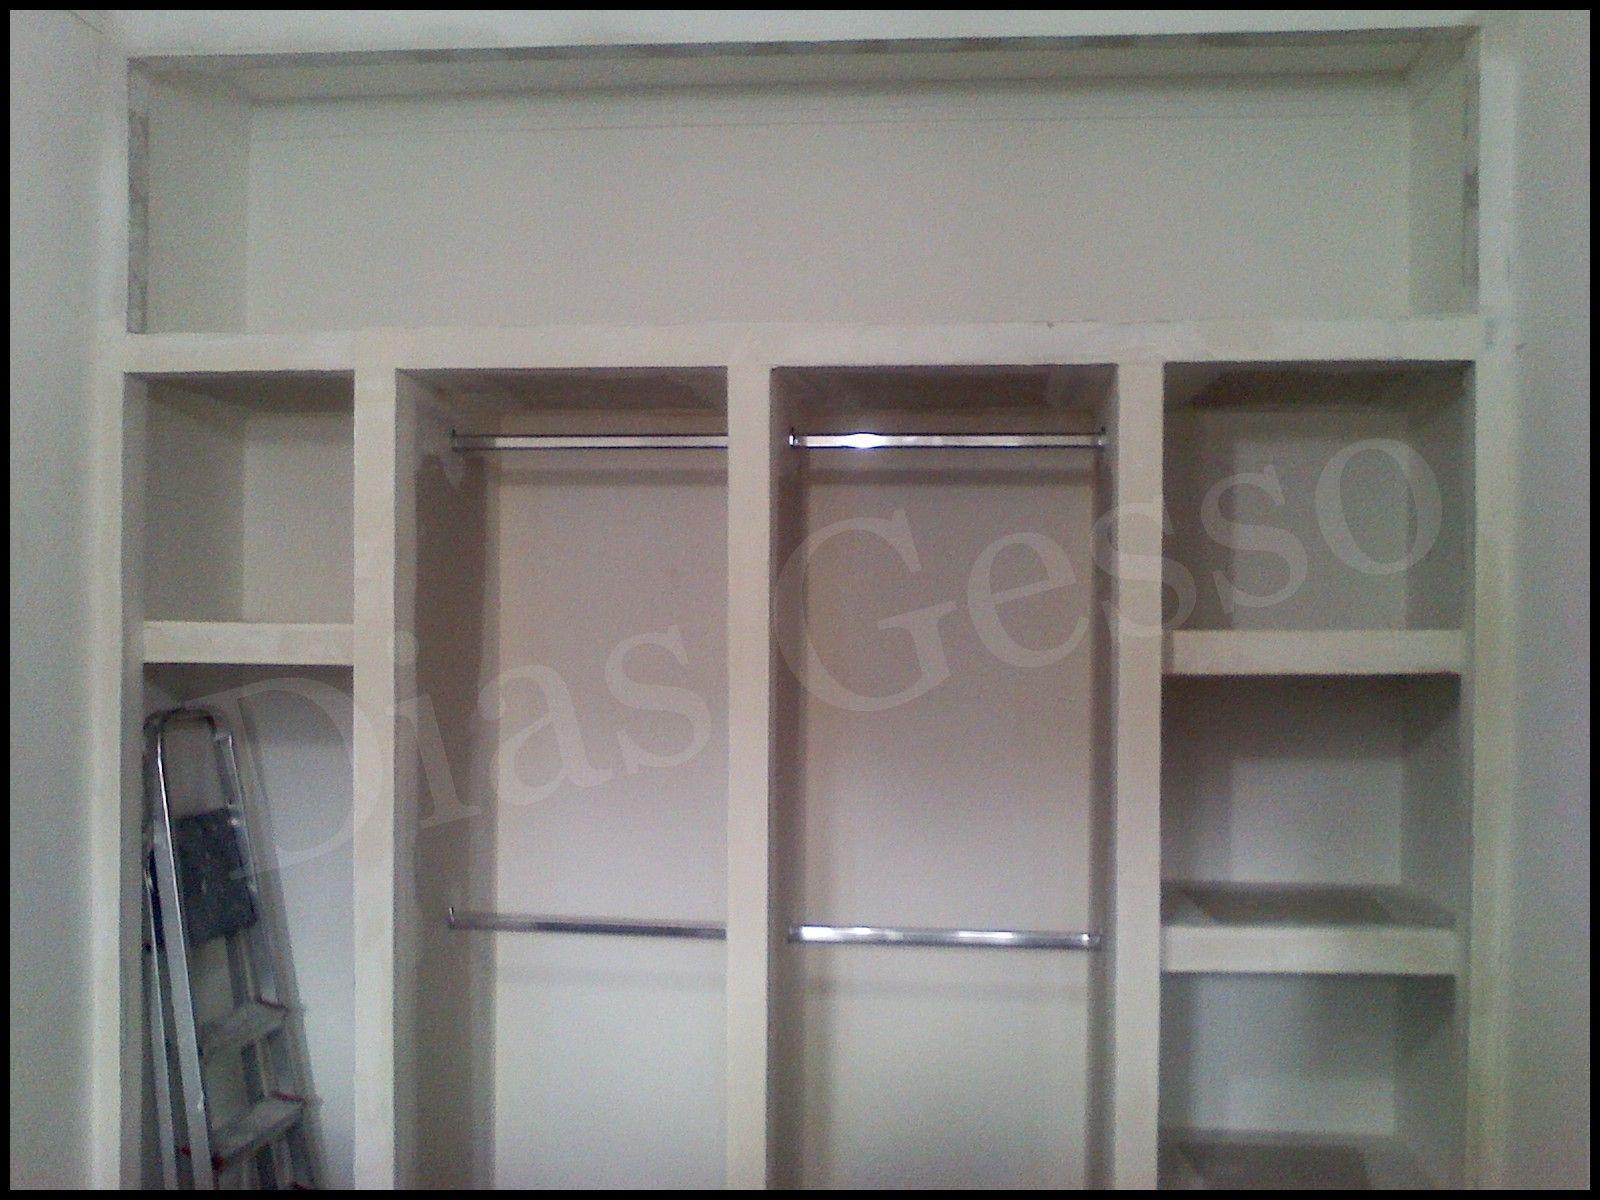 Armario Pequeno Quarto ~ Dias Gesso Armário em drywall Small apartment Pinterest Gesso, Armário e Guarda roupa de